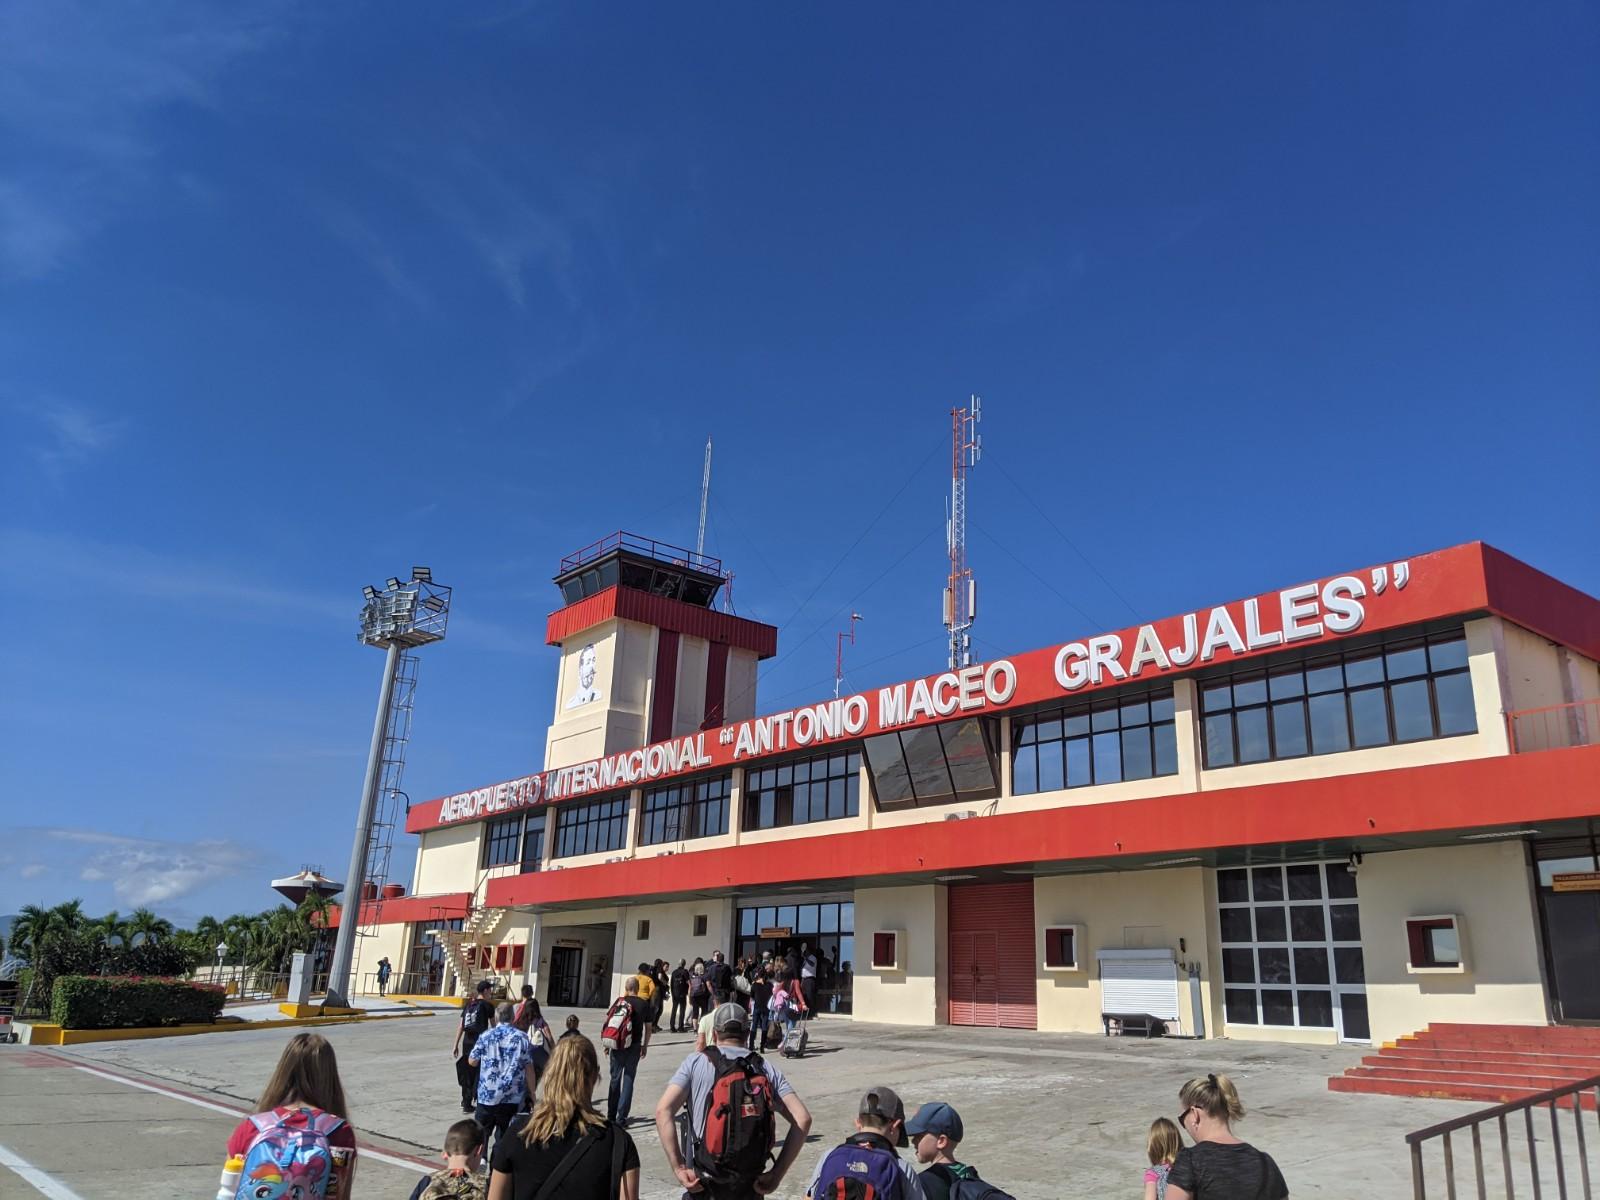 Santiago de Cuba Airport